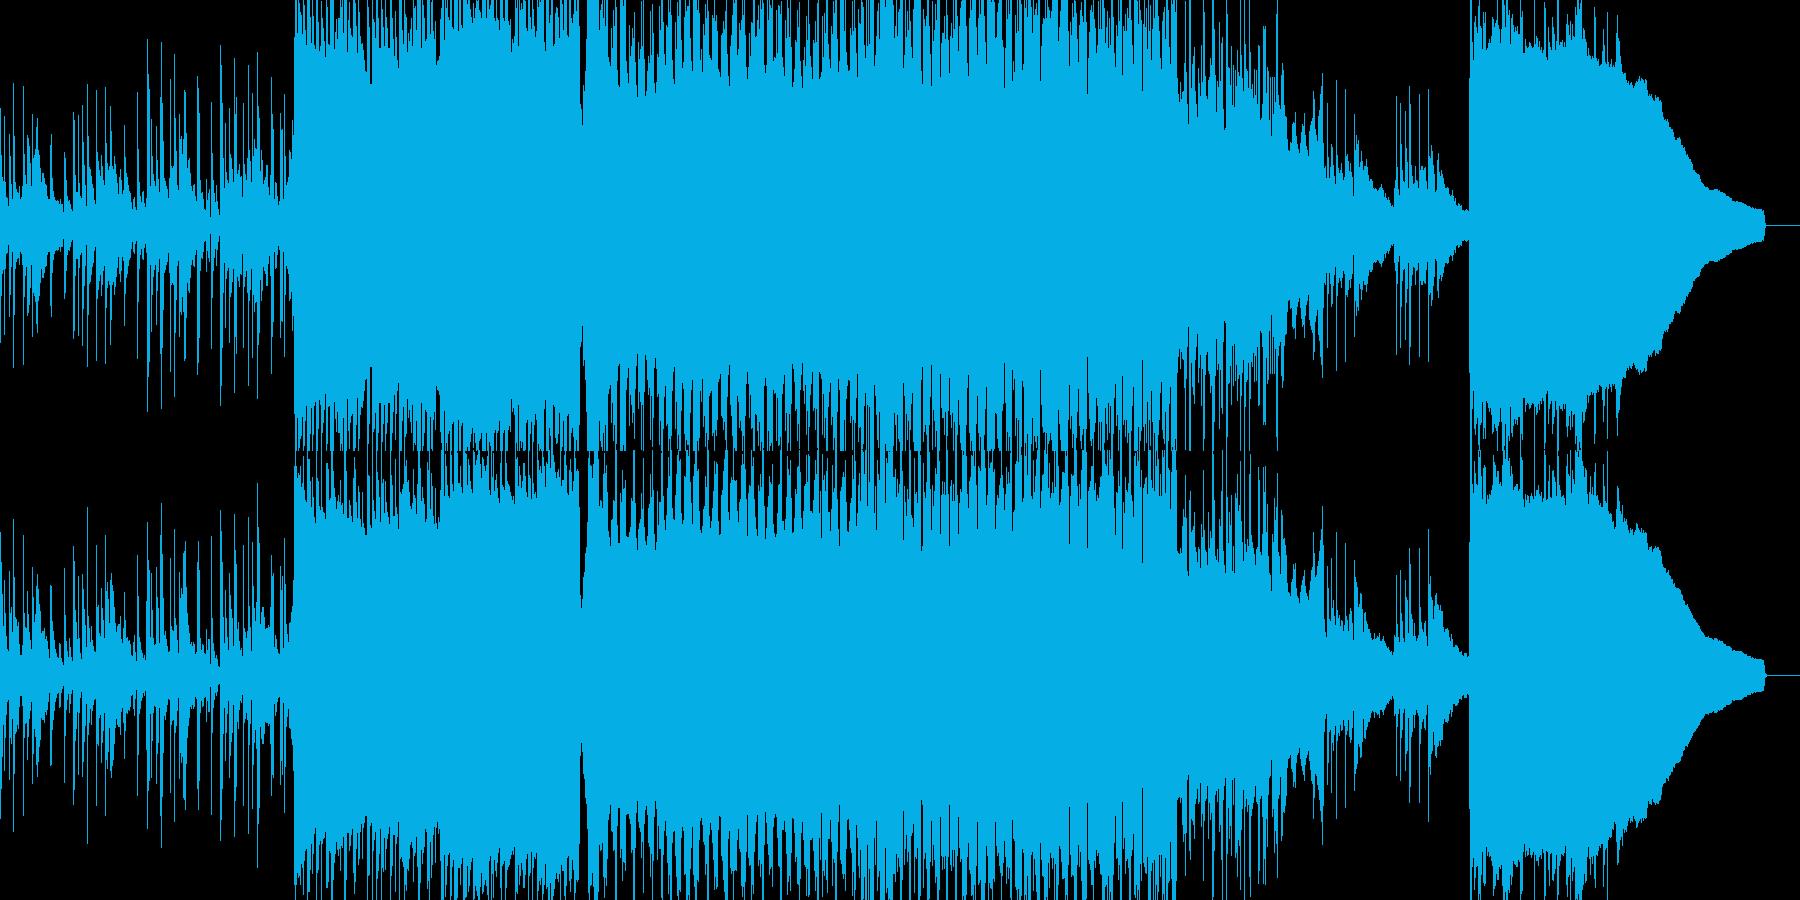 ハッピーで爽やかなアコスティック曲の再生済みの波形